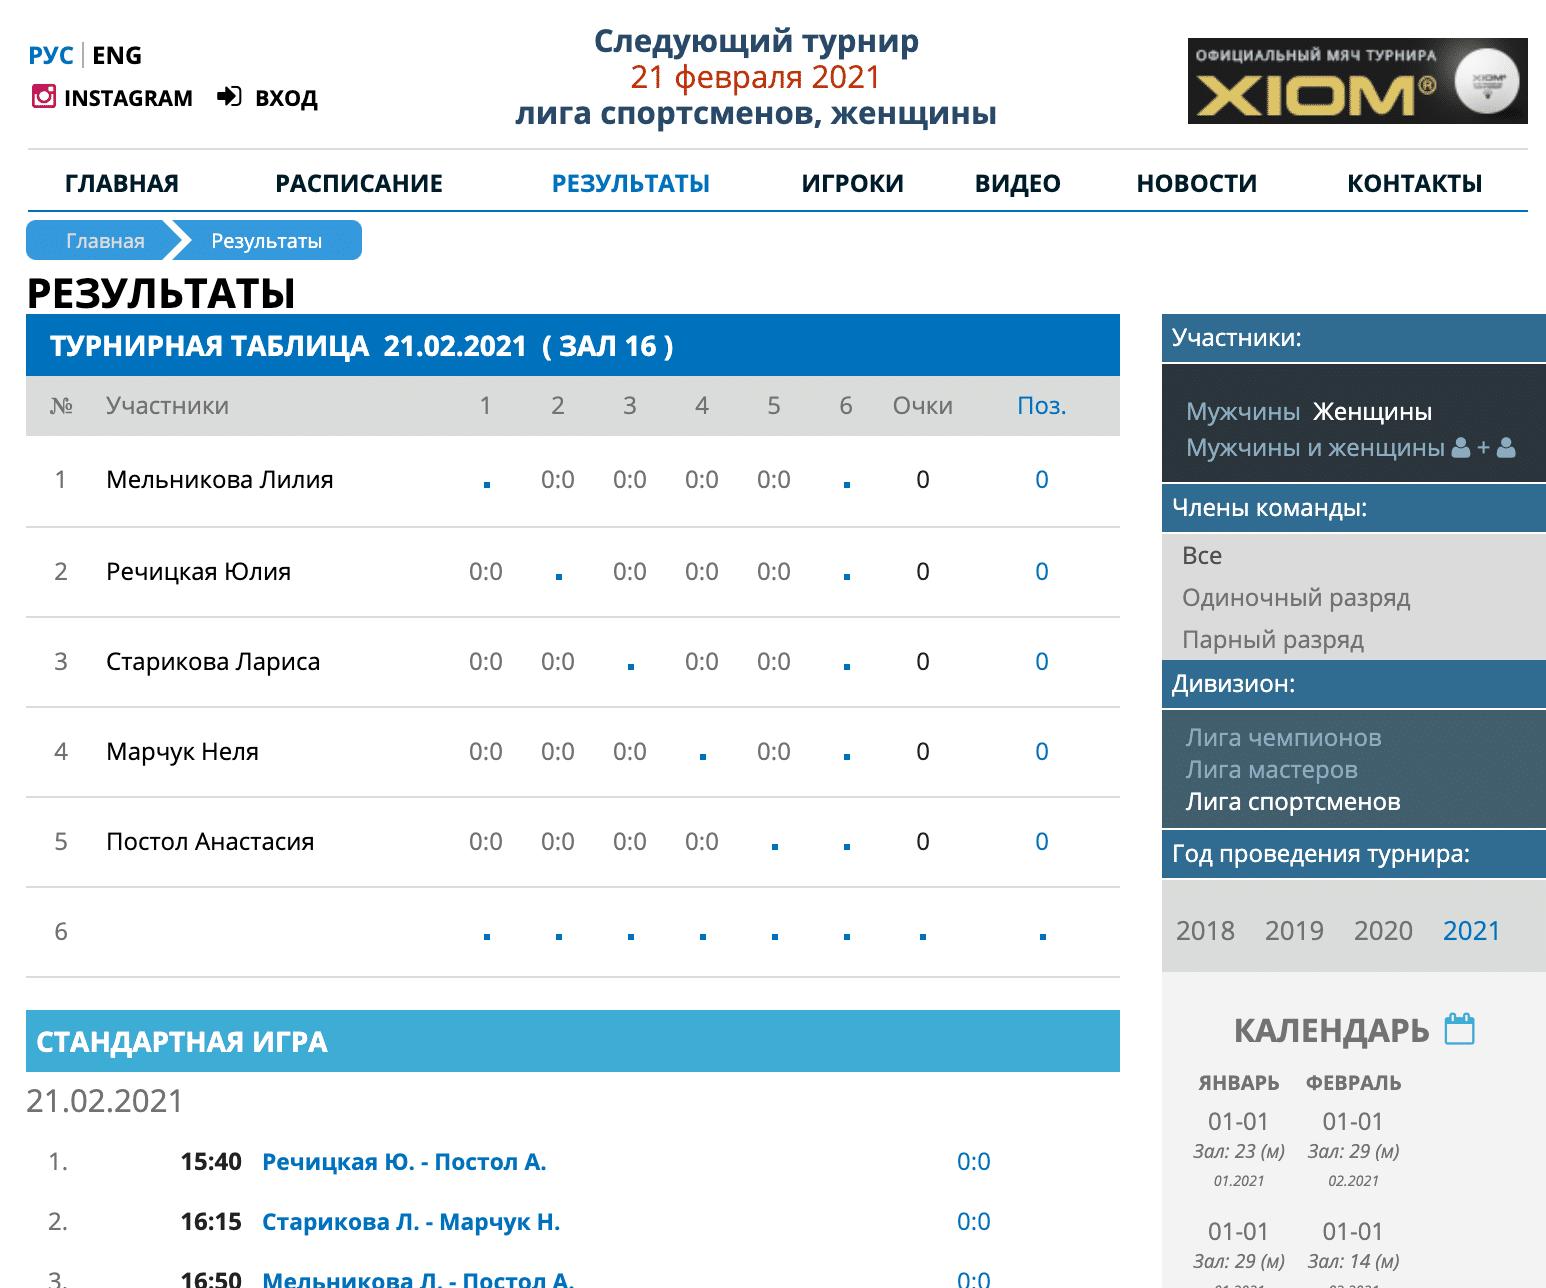 Статистика на сайте  Настольный теннис TT Cup (ТТ Кап Украина)